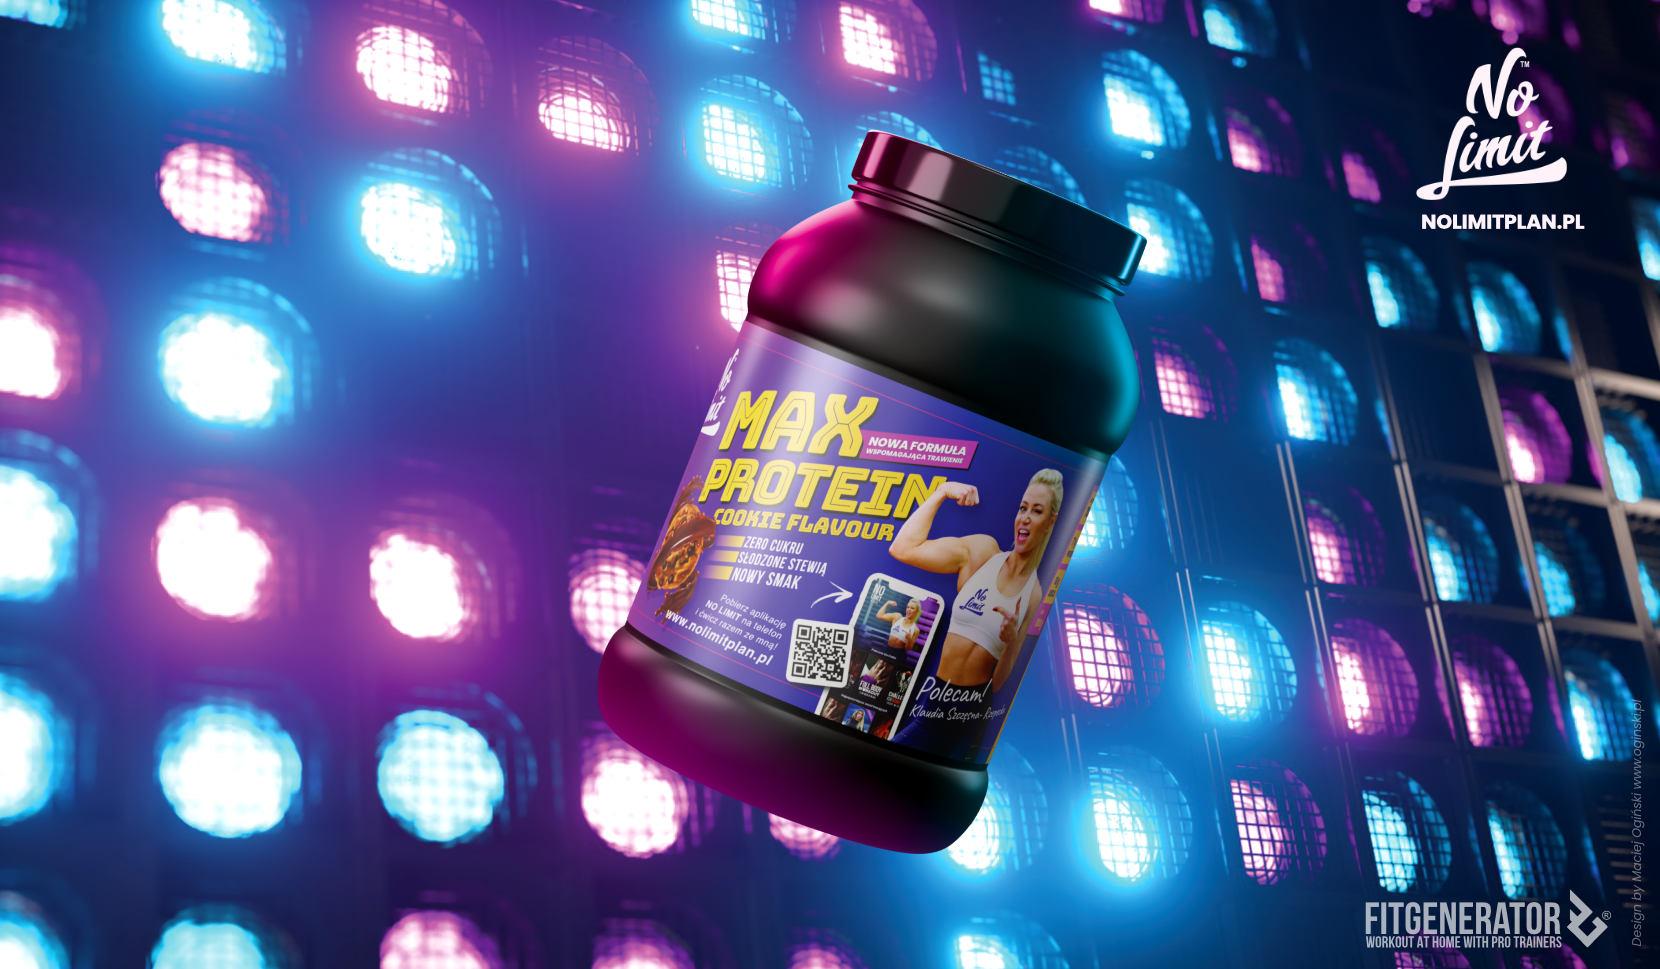 max_protein_porownanie_nol_limit-3